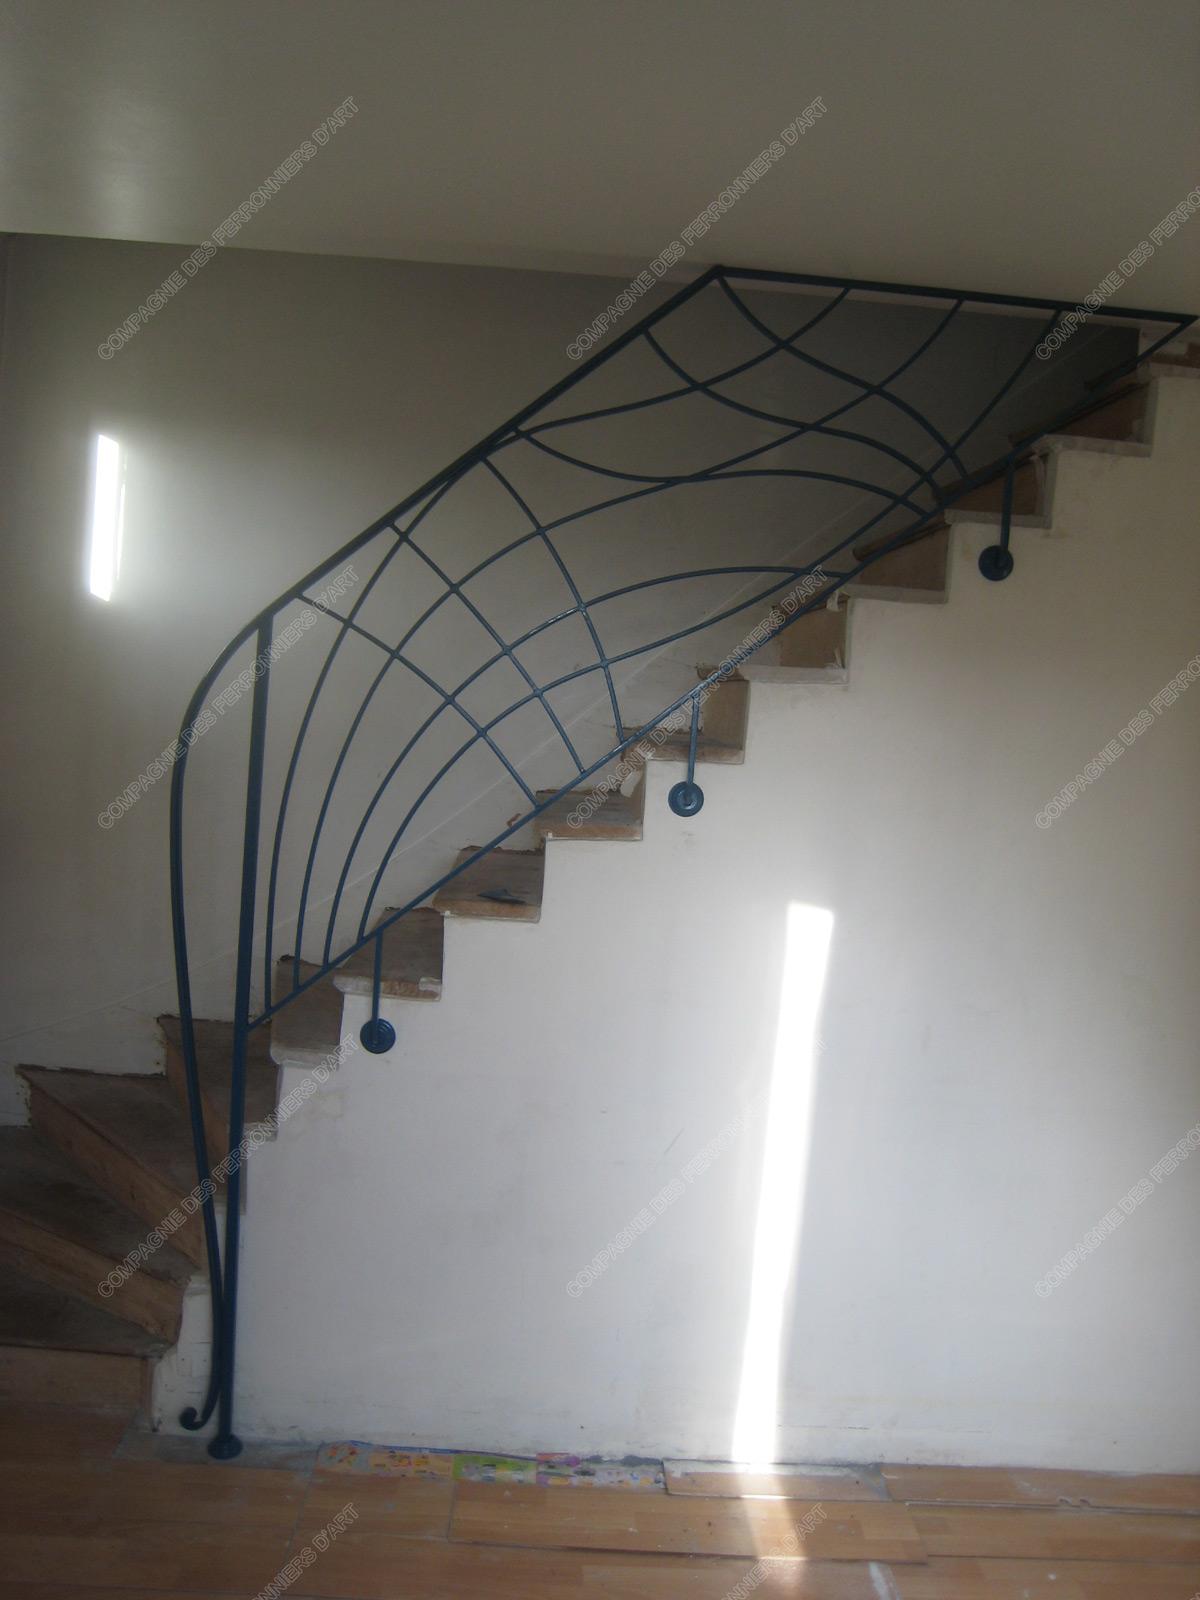 Rampes d\'escalier en fer forgé Art nouveau : Modèle Vagues croisées